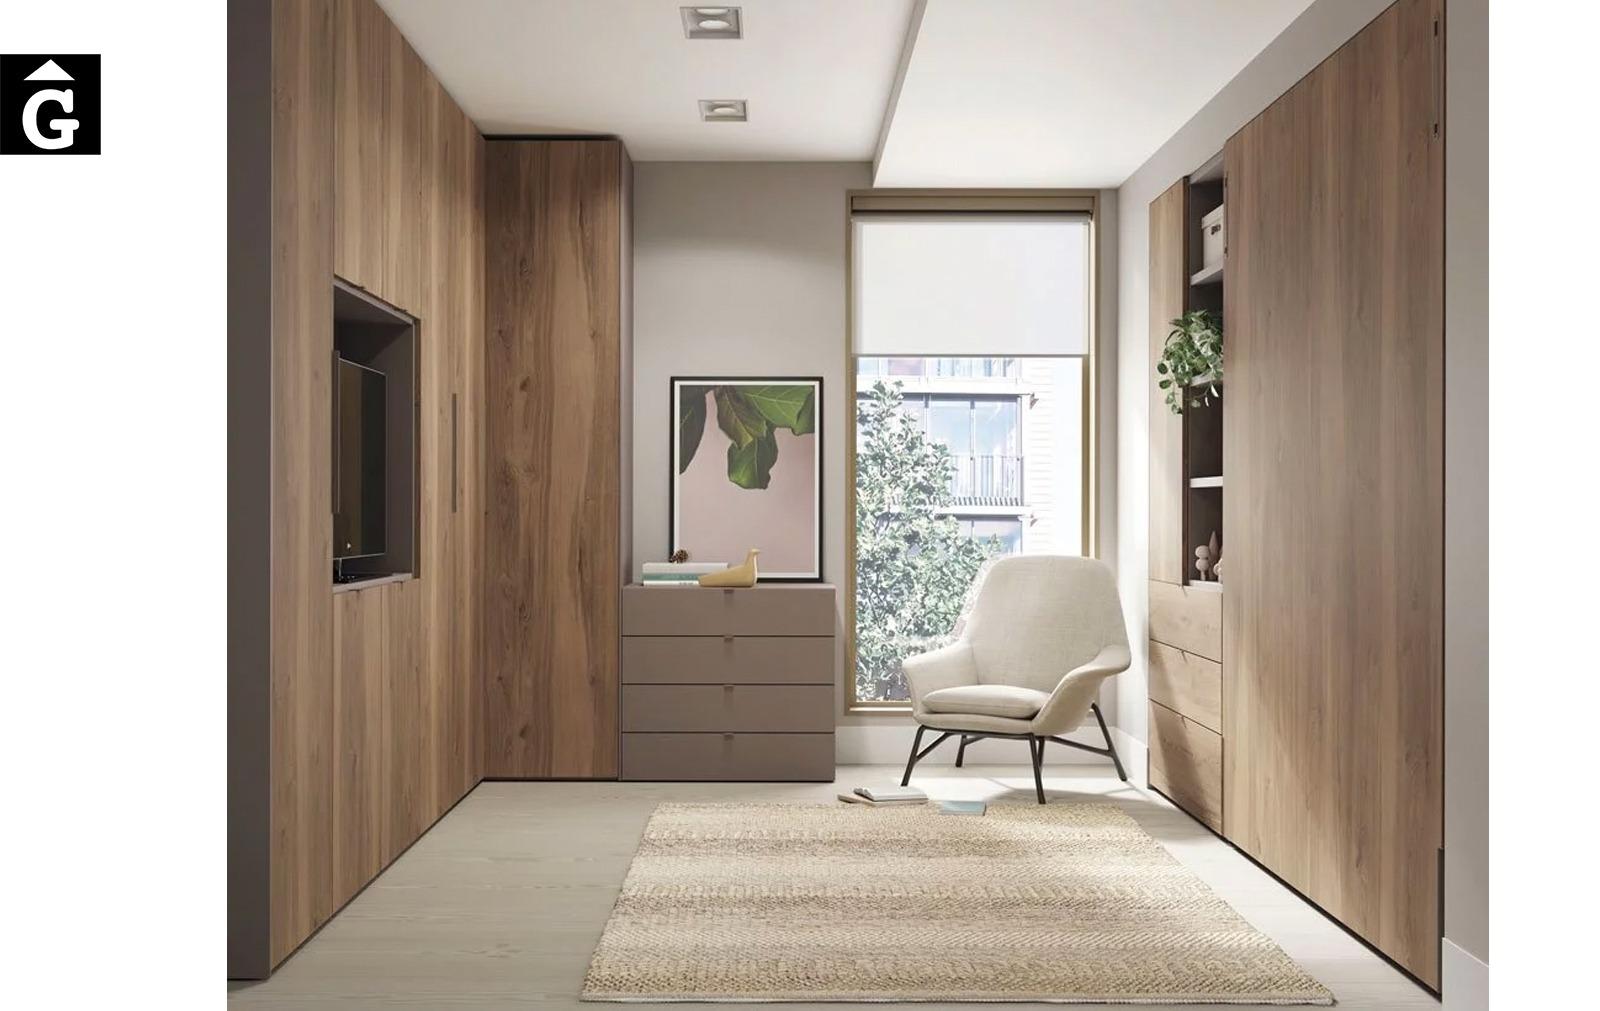 Habitació multifuncional   Up & Down   llits abatibles   Pràctics, saludables i segurs   Jotajotape   mobles Gifreu